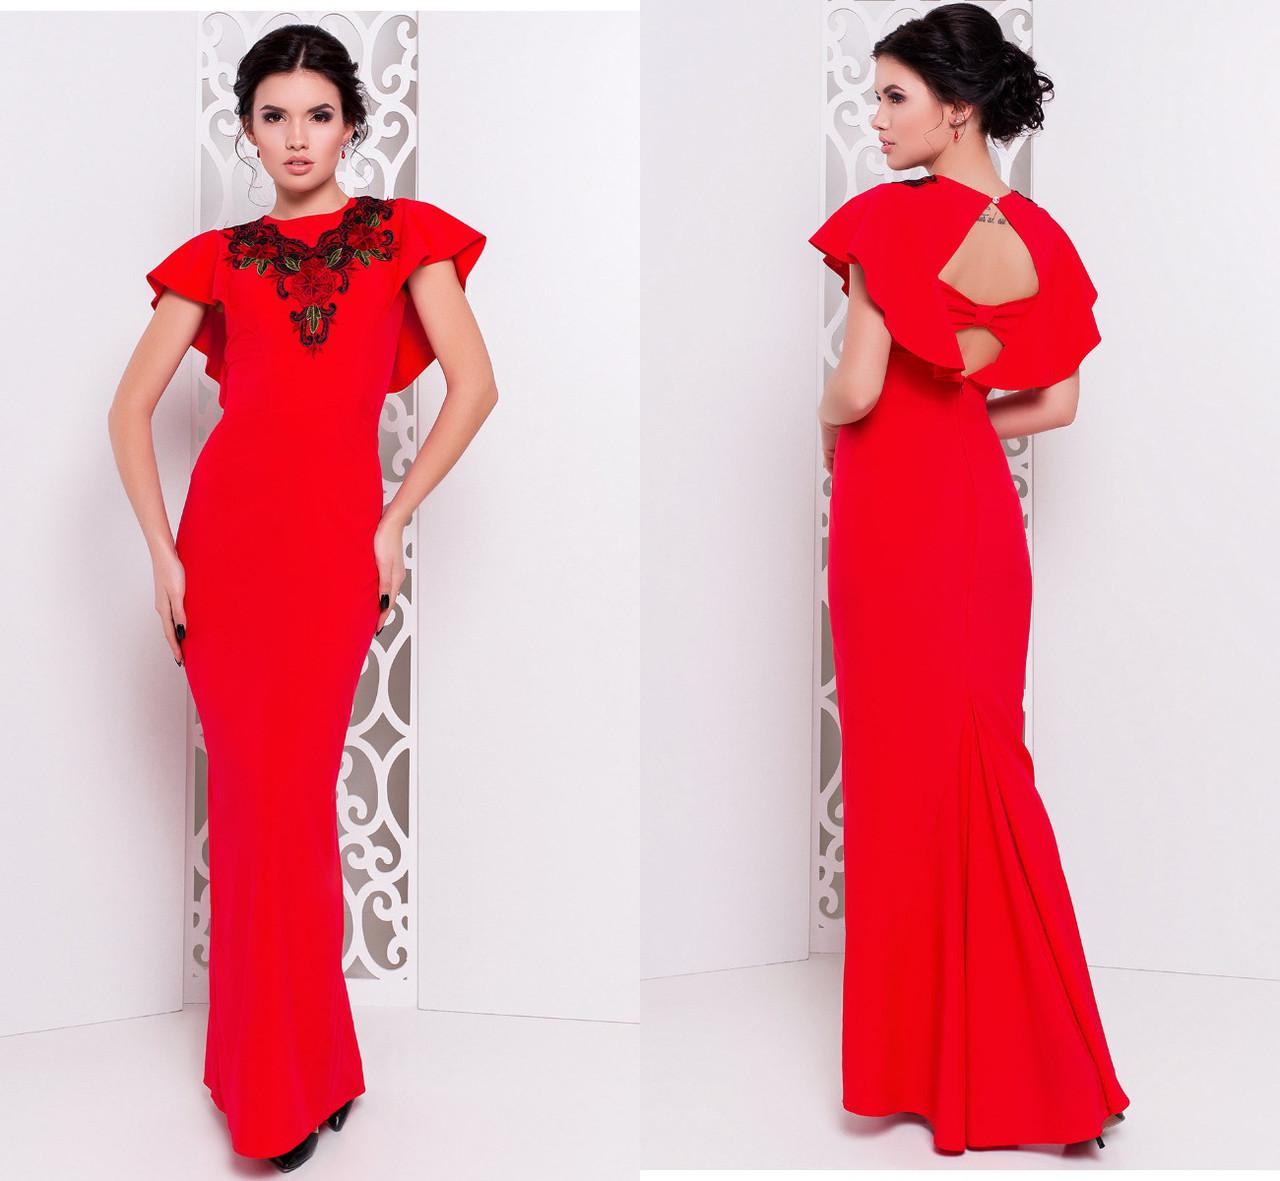 05747eb5918 Красное вечернее платье в пол - Интернет магазин одежды и аксессуаров